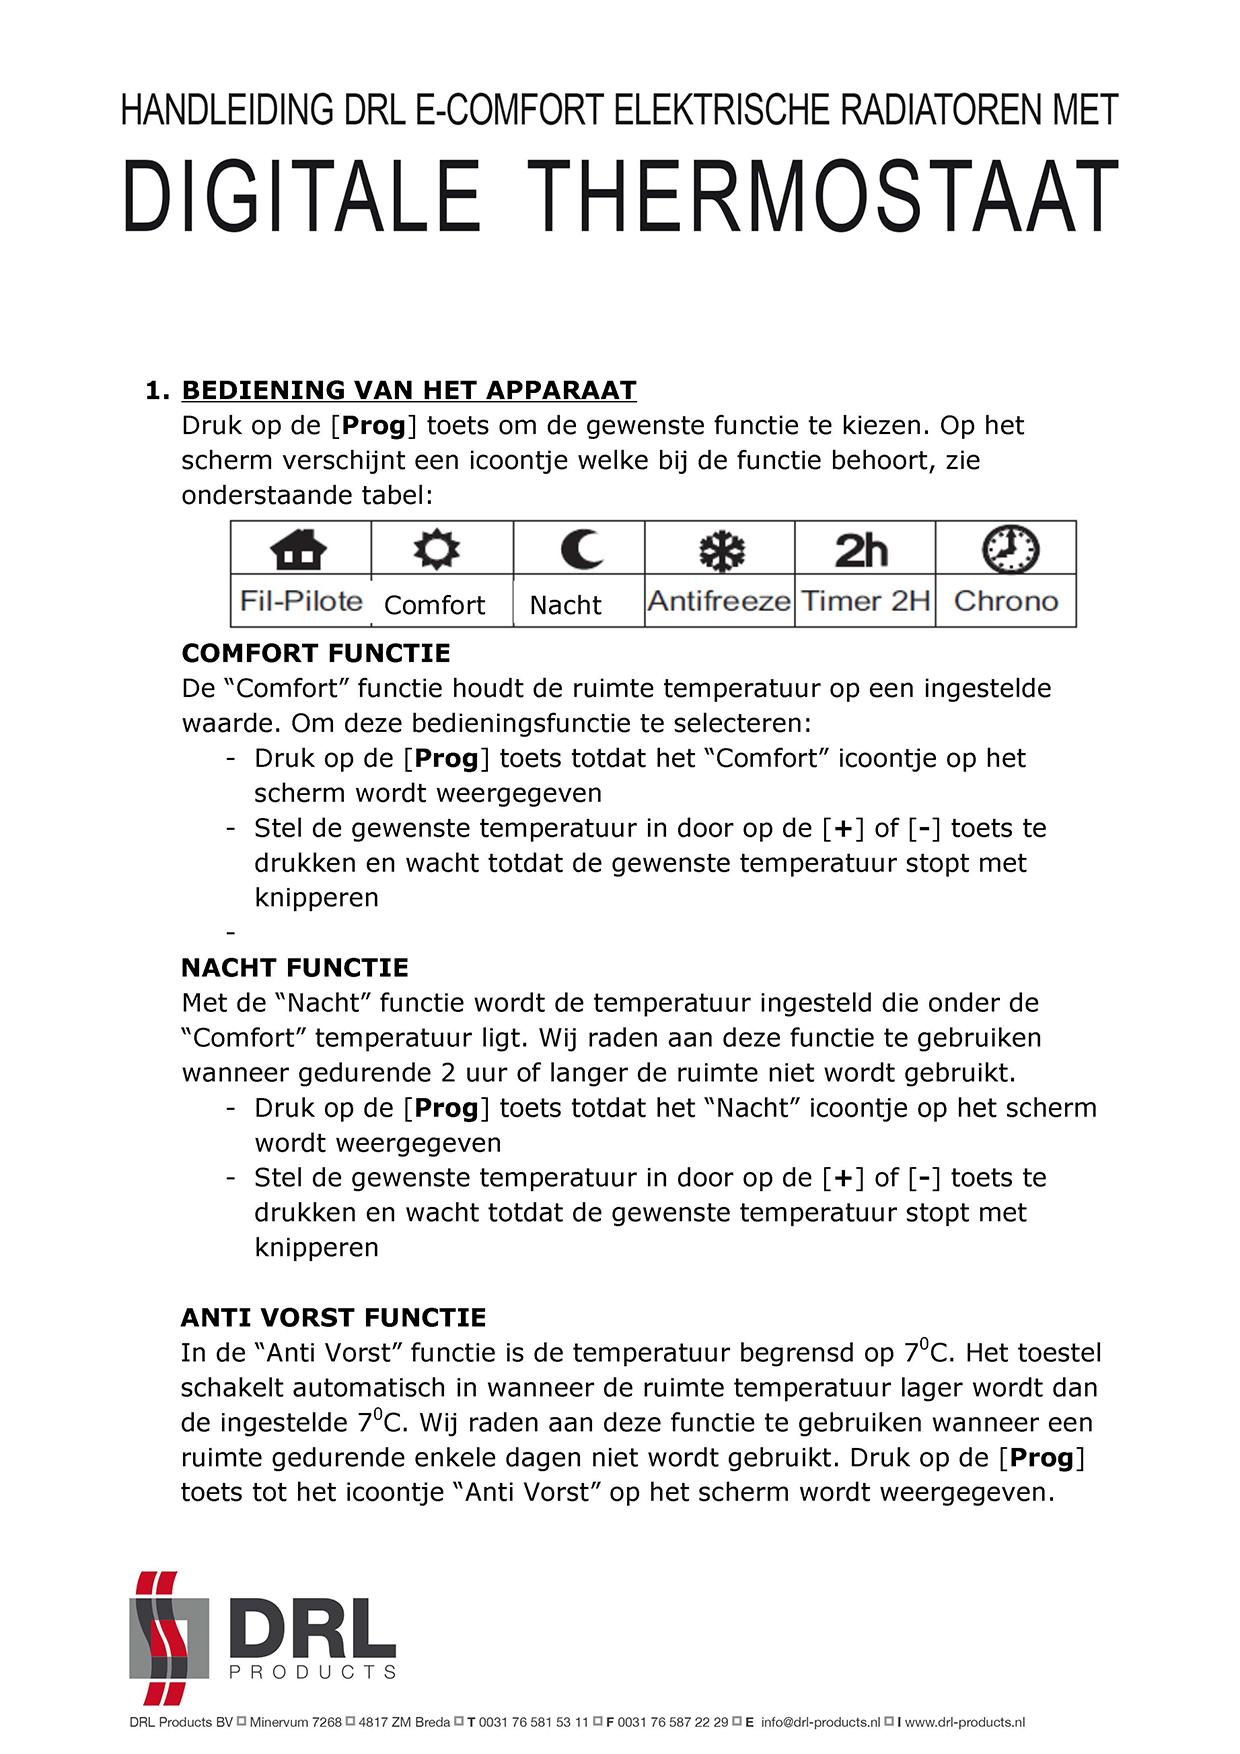 H_70_DRL_E_Comfort_Claudia_DIGITAAL_Thermostaat_GebruikersInstructie_NL_Pagina_12_WEB